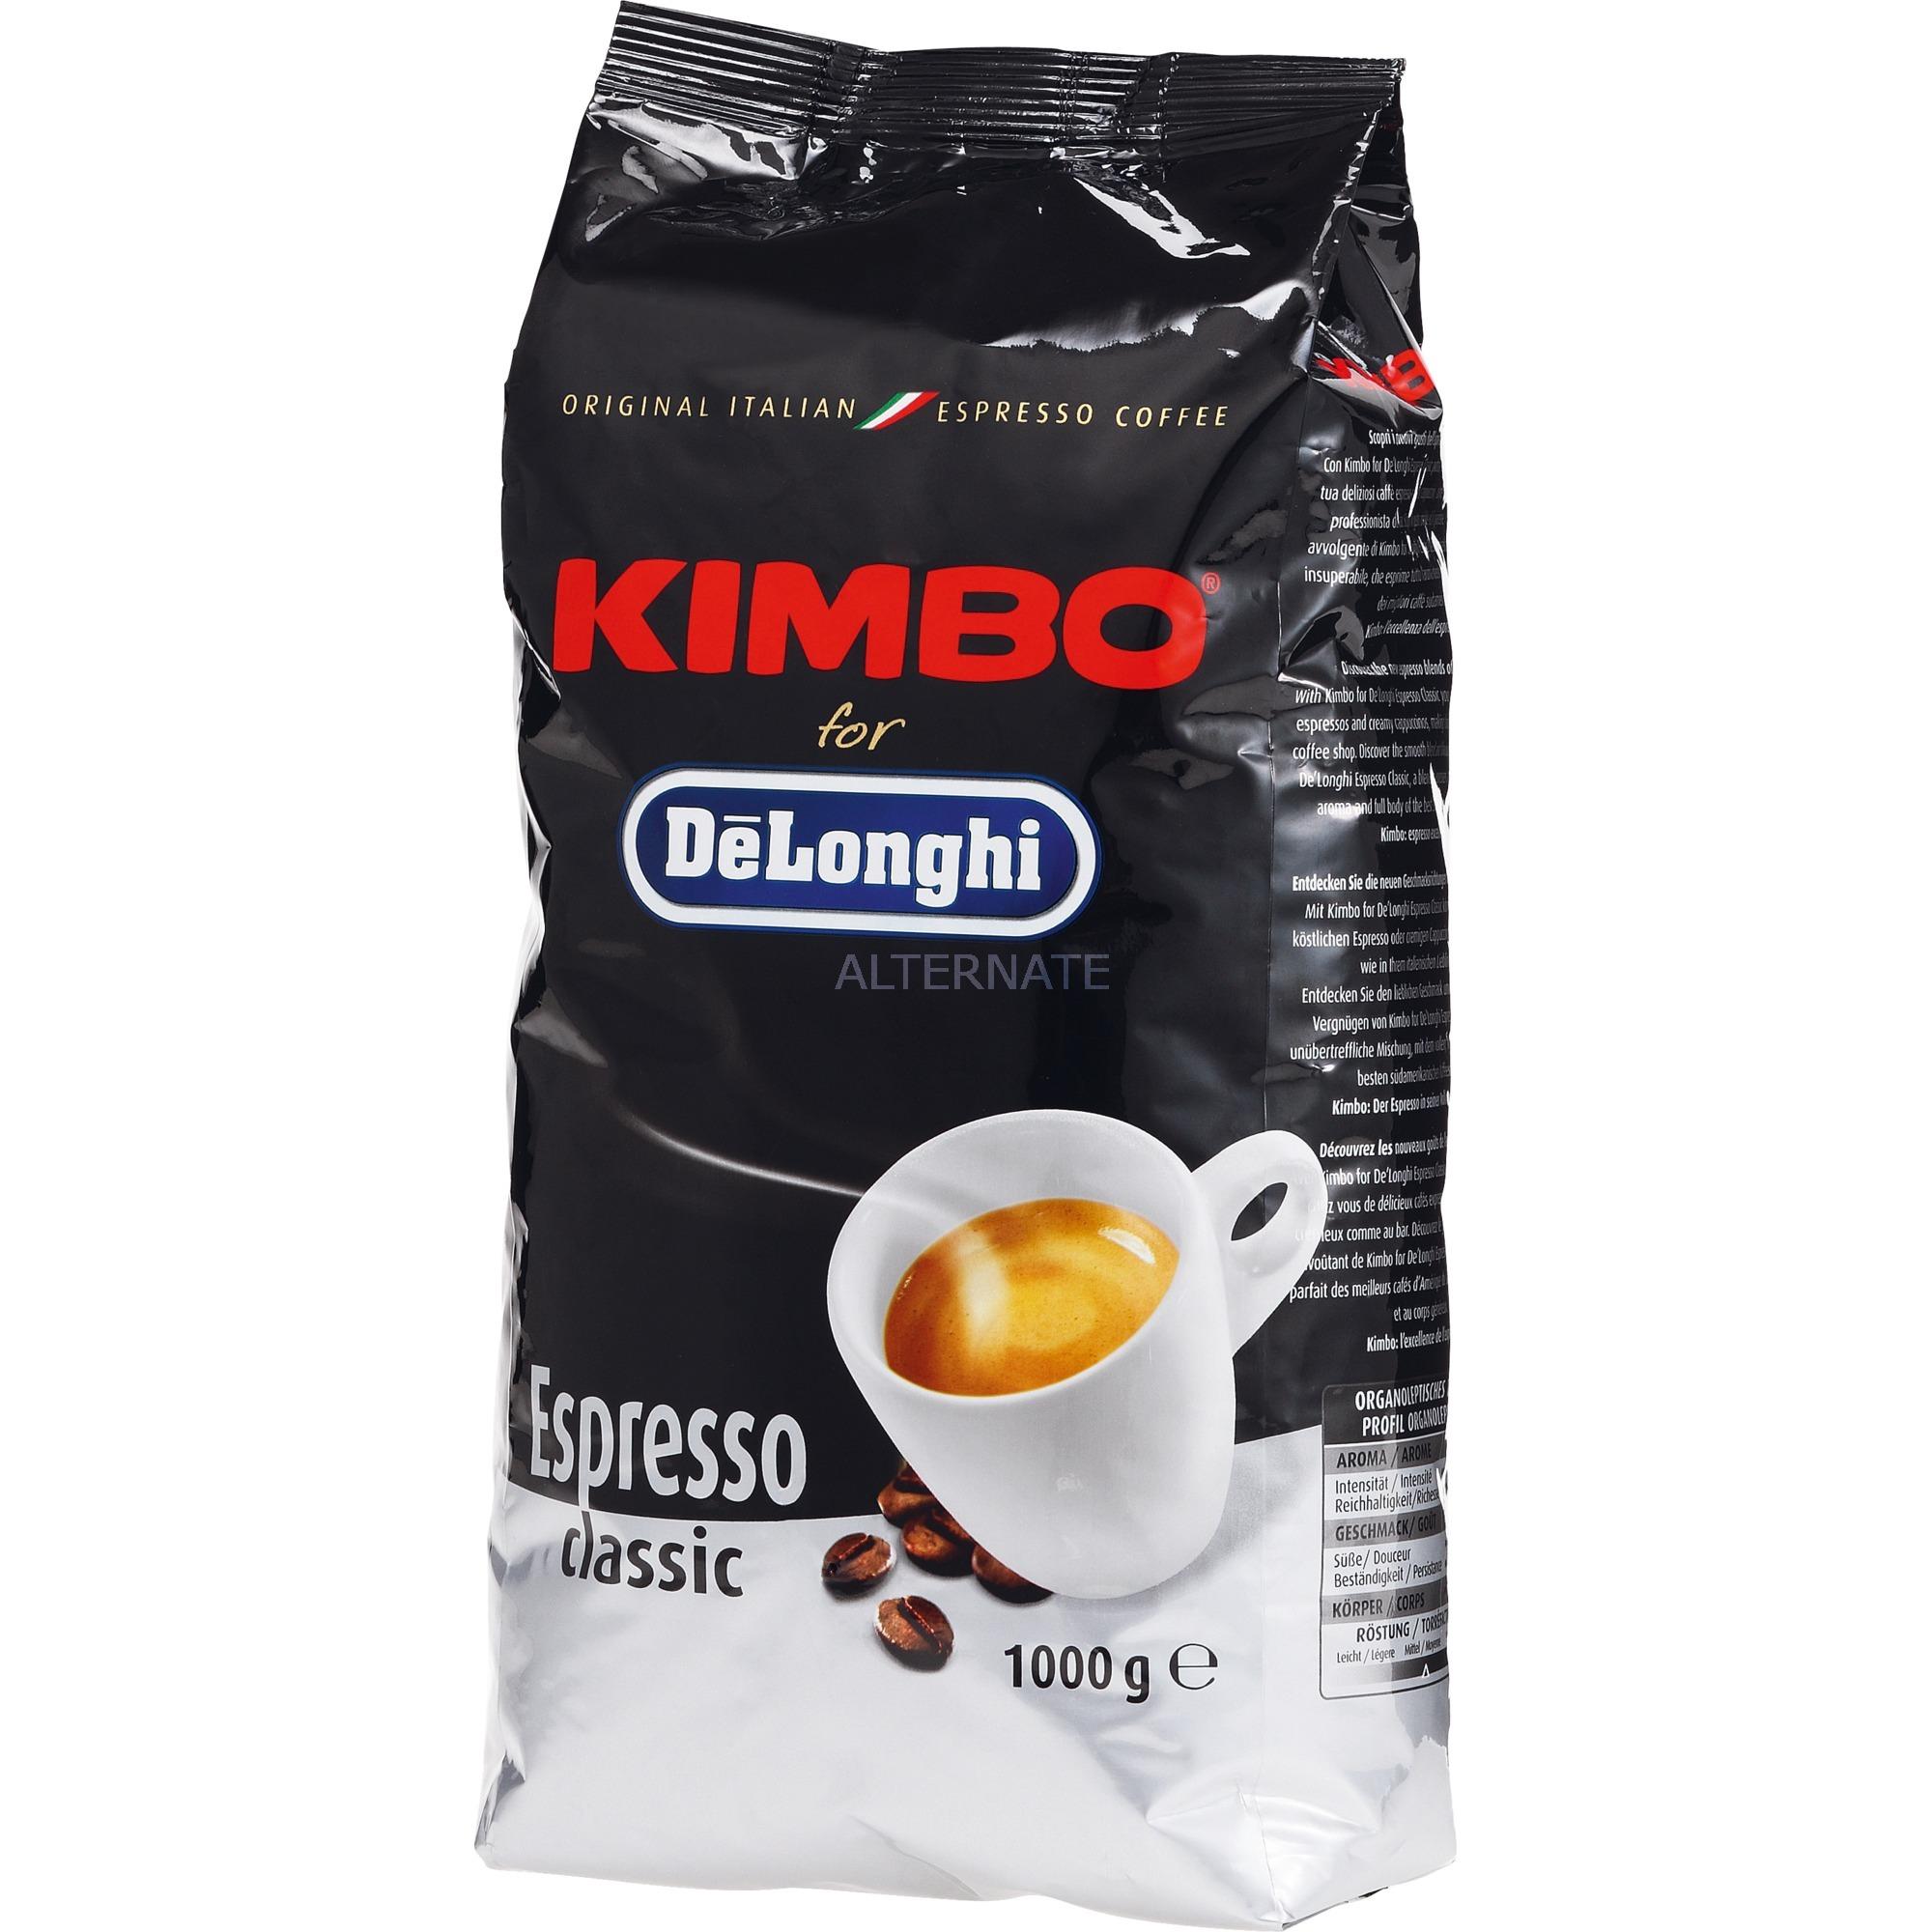 Kimbo Espresso Classic 1000g, Café